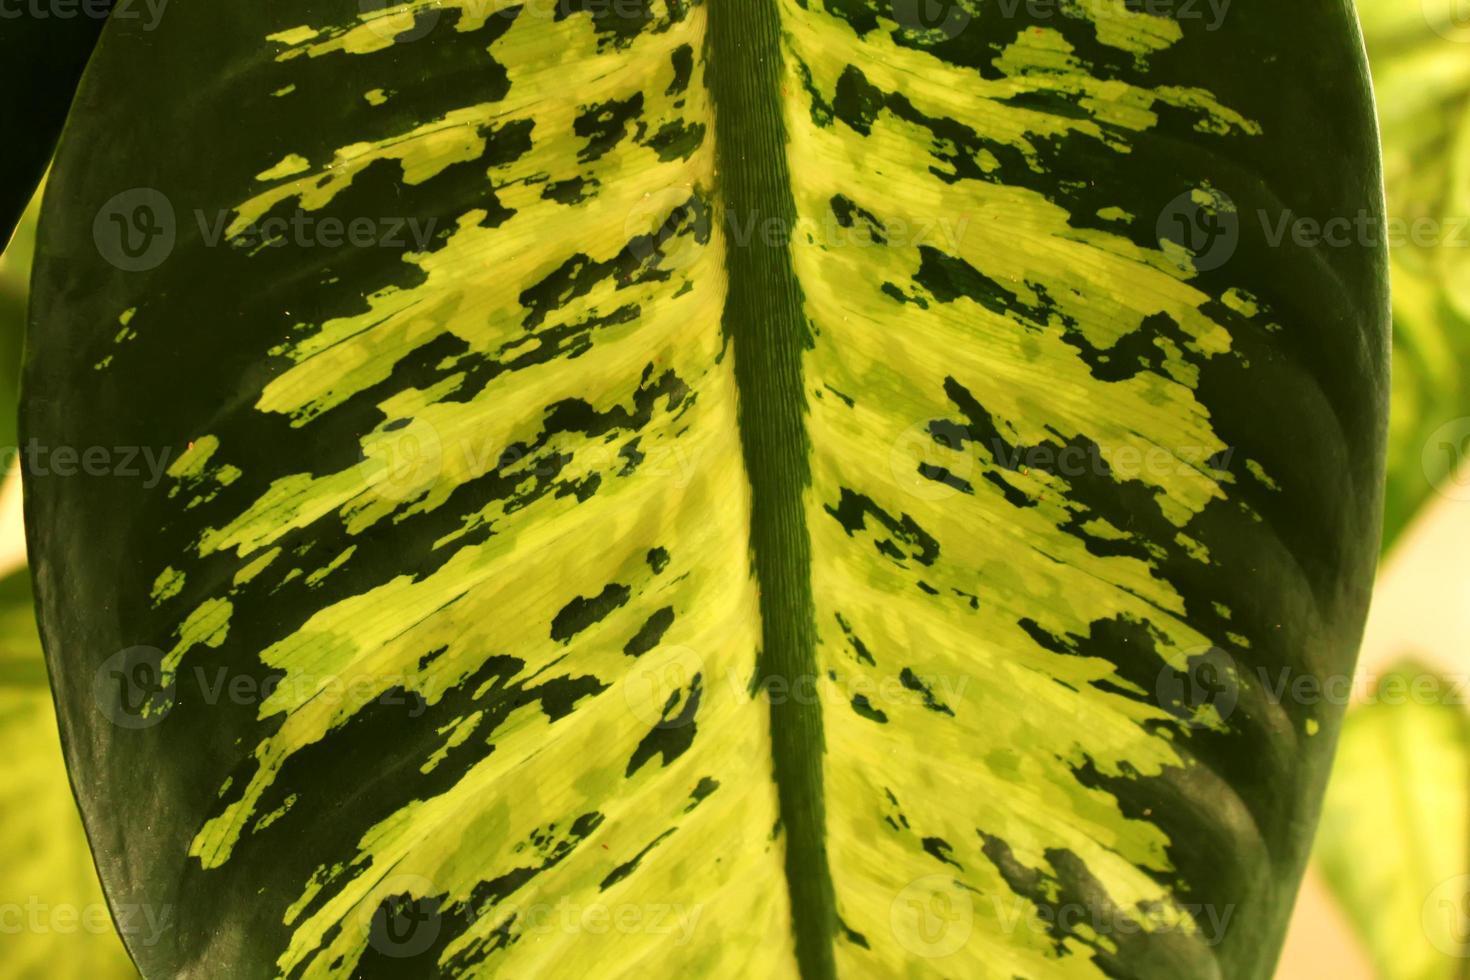 gräsbevuxen lummig naturlig bakgrund eller bakgrund som består av en mängd olika växter. tropiska löv foto